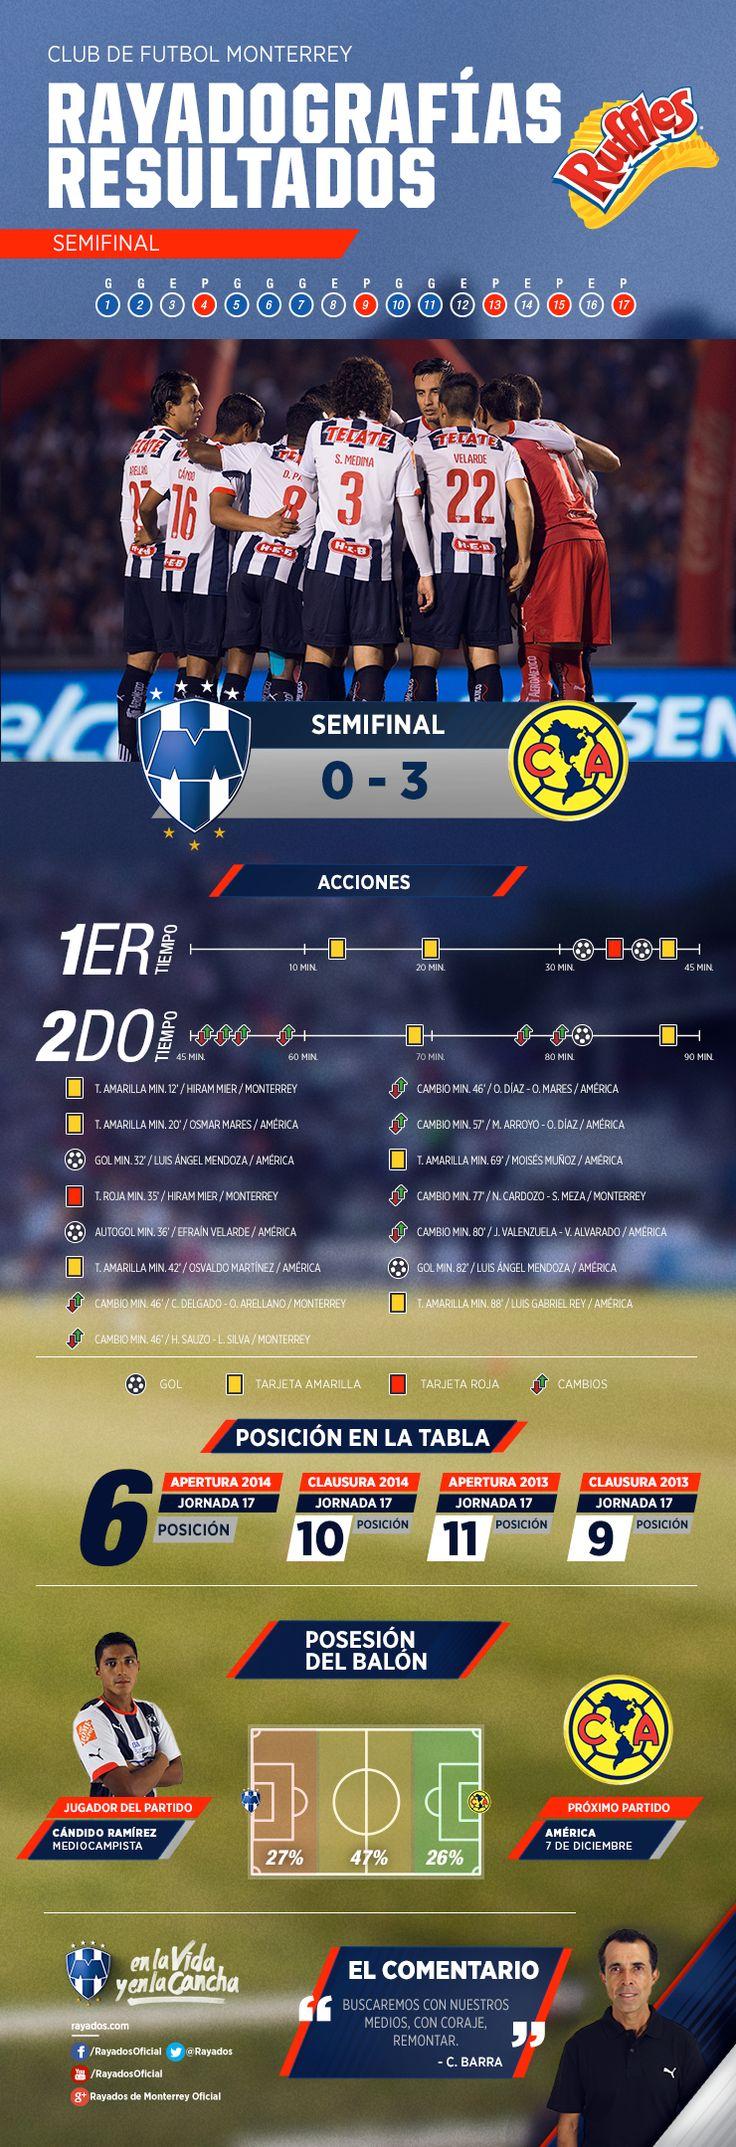 La #Rayadografía post partido Rayados vs. América del partido de IDA de semifinales es presentada por Ruffles MX. Para ver la imagen de un mayor tamaño y detalles, da clic aquí: www.rayados.com/...